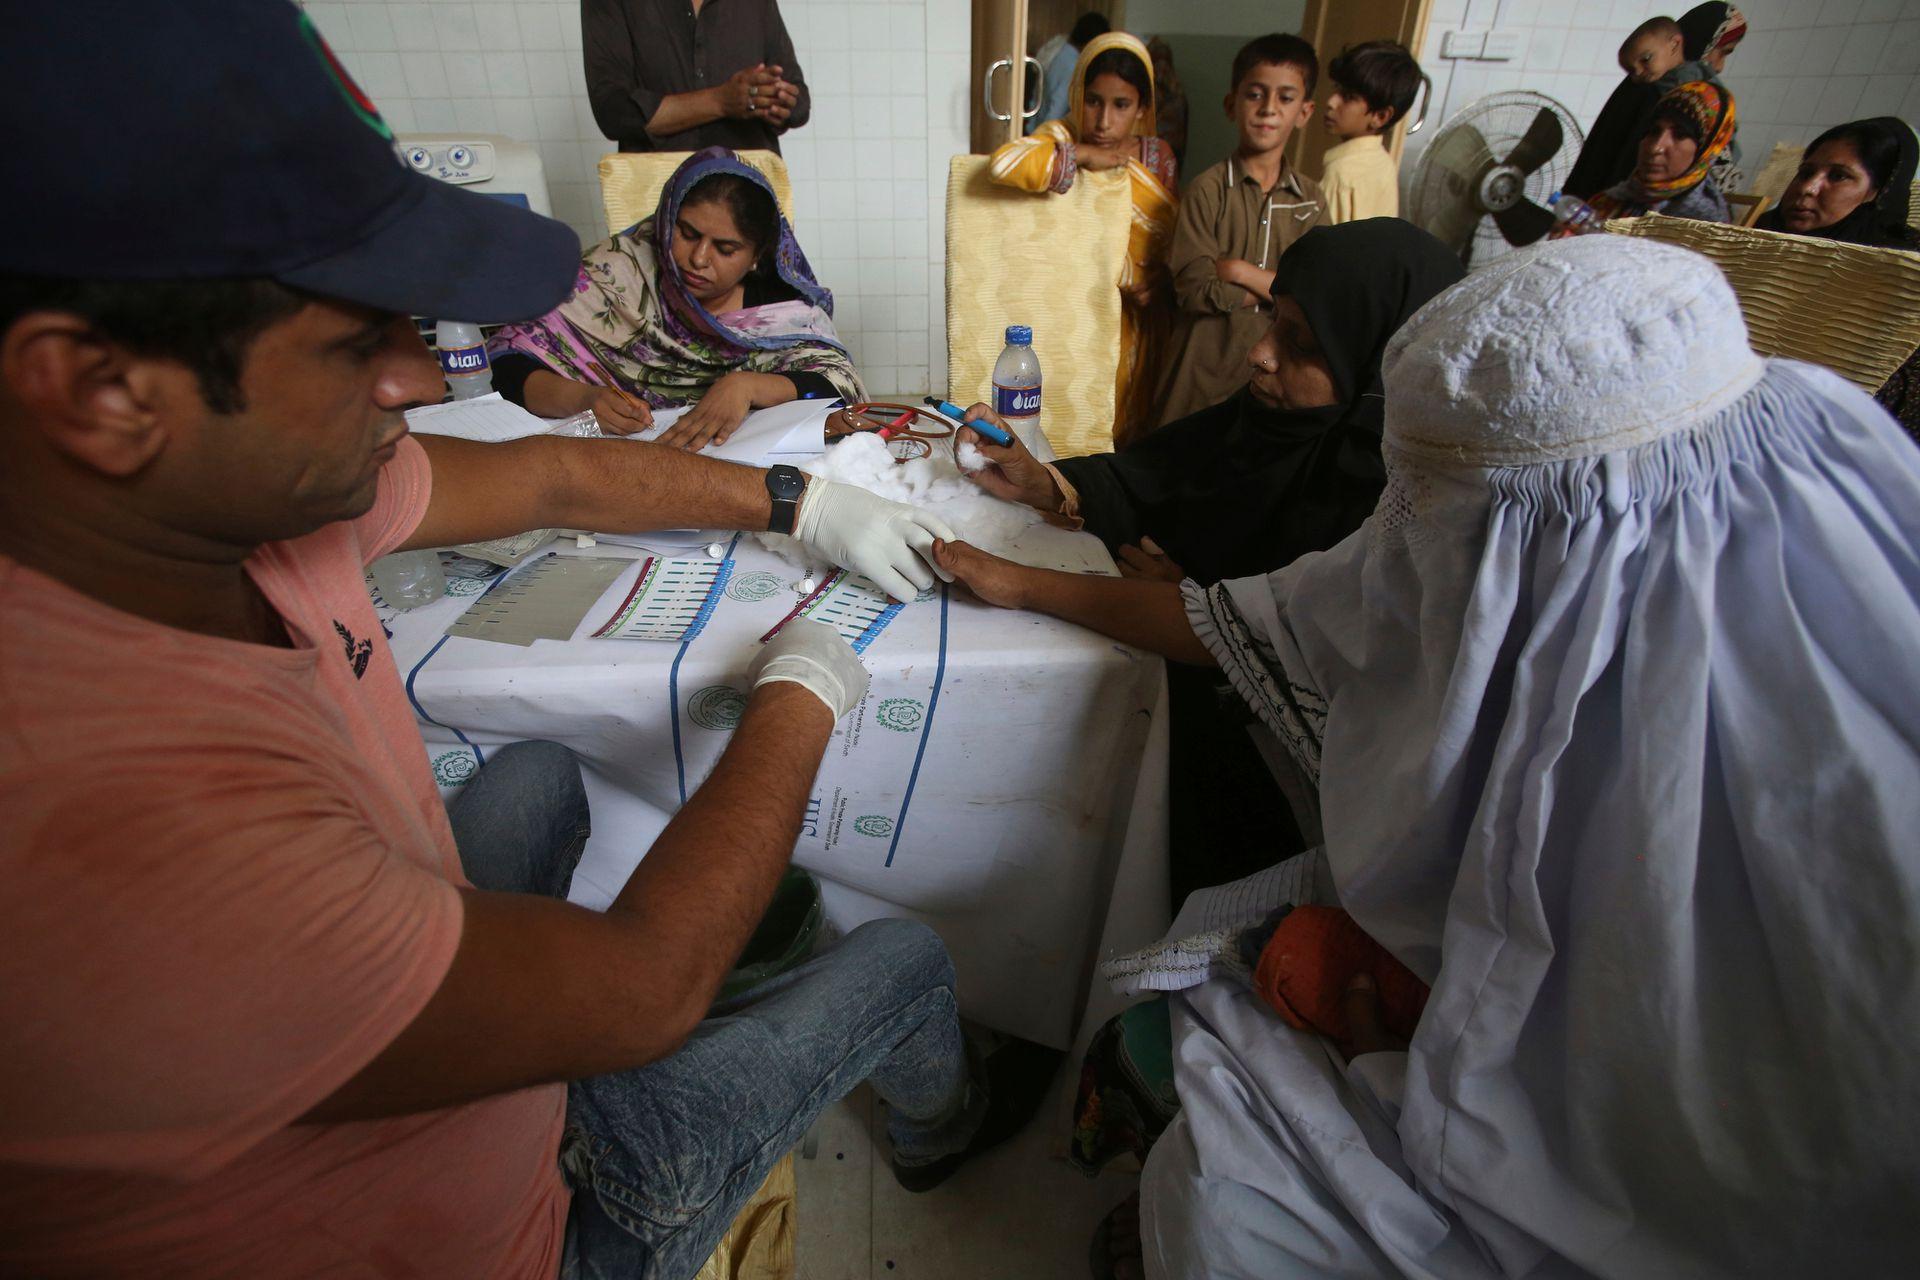 Un médico realiza tests de VIH a los aldeanos en un hospital cerca de Ratodero, un pequeño pueblo en la provincia sureña de Sindh en Pakistán, donde se produjo el brote de VIH